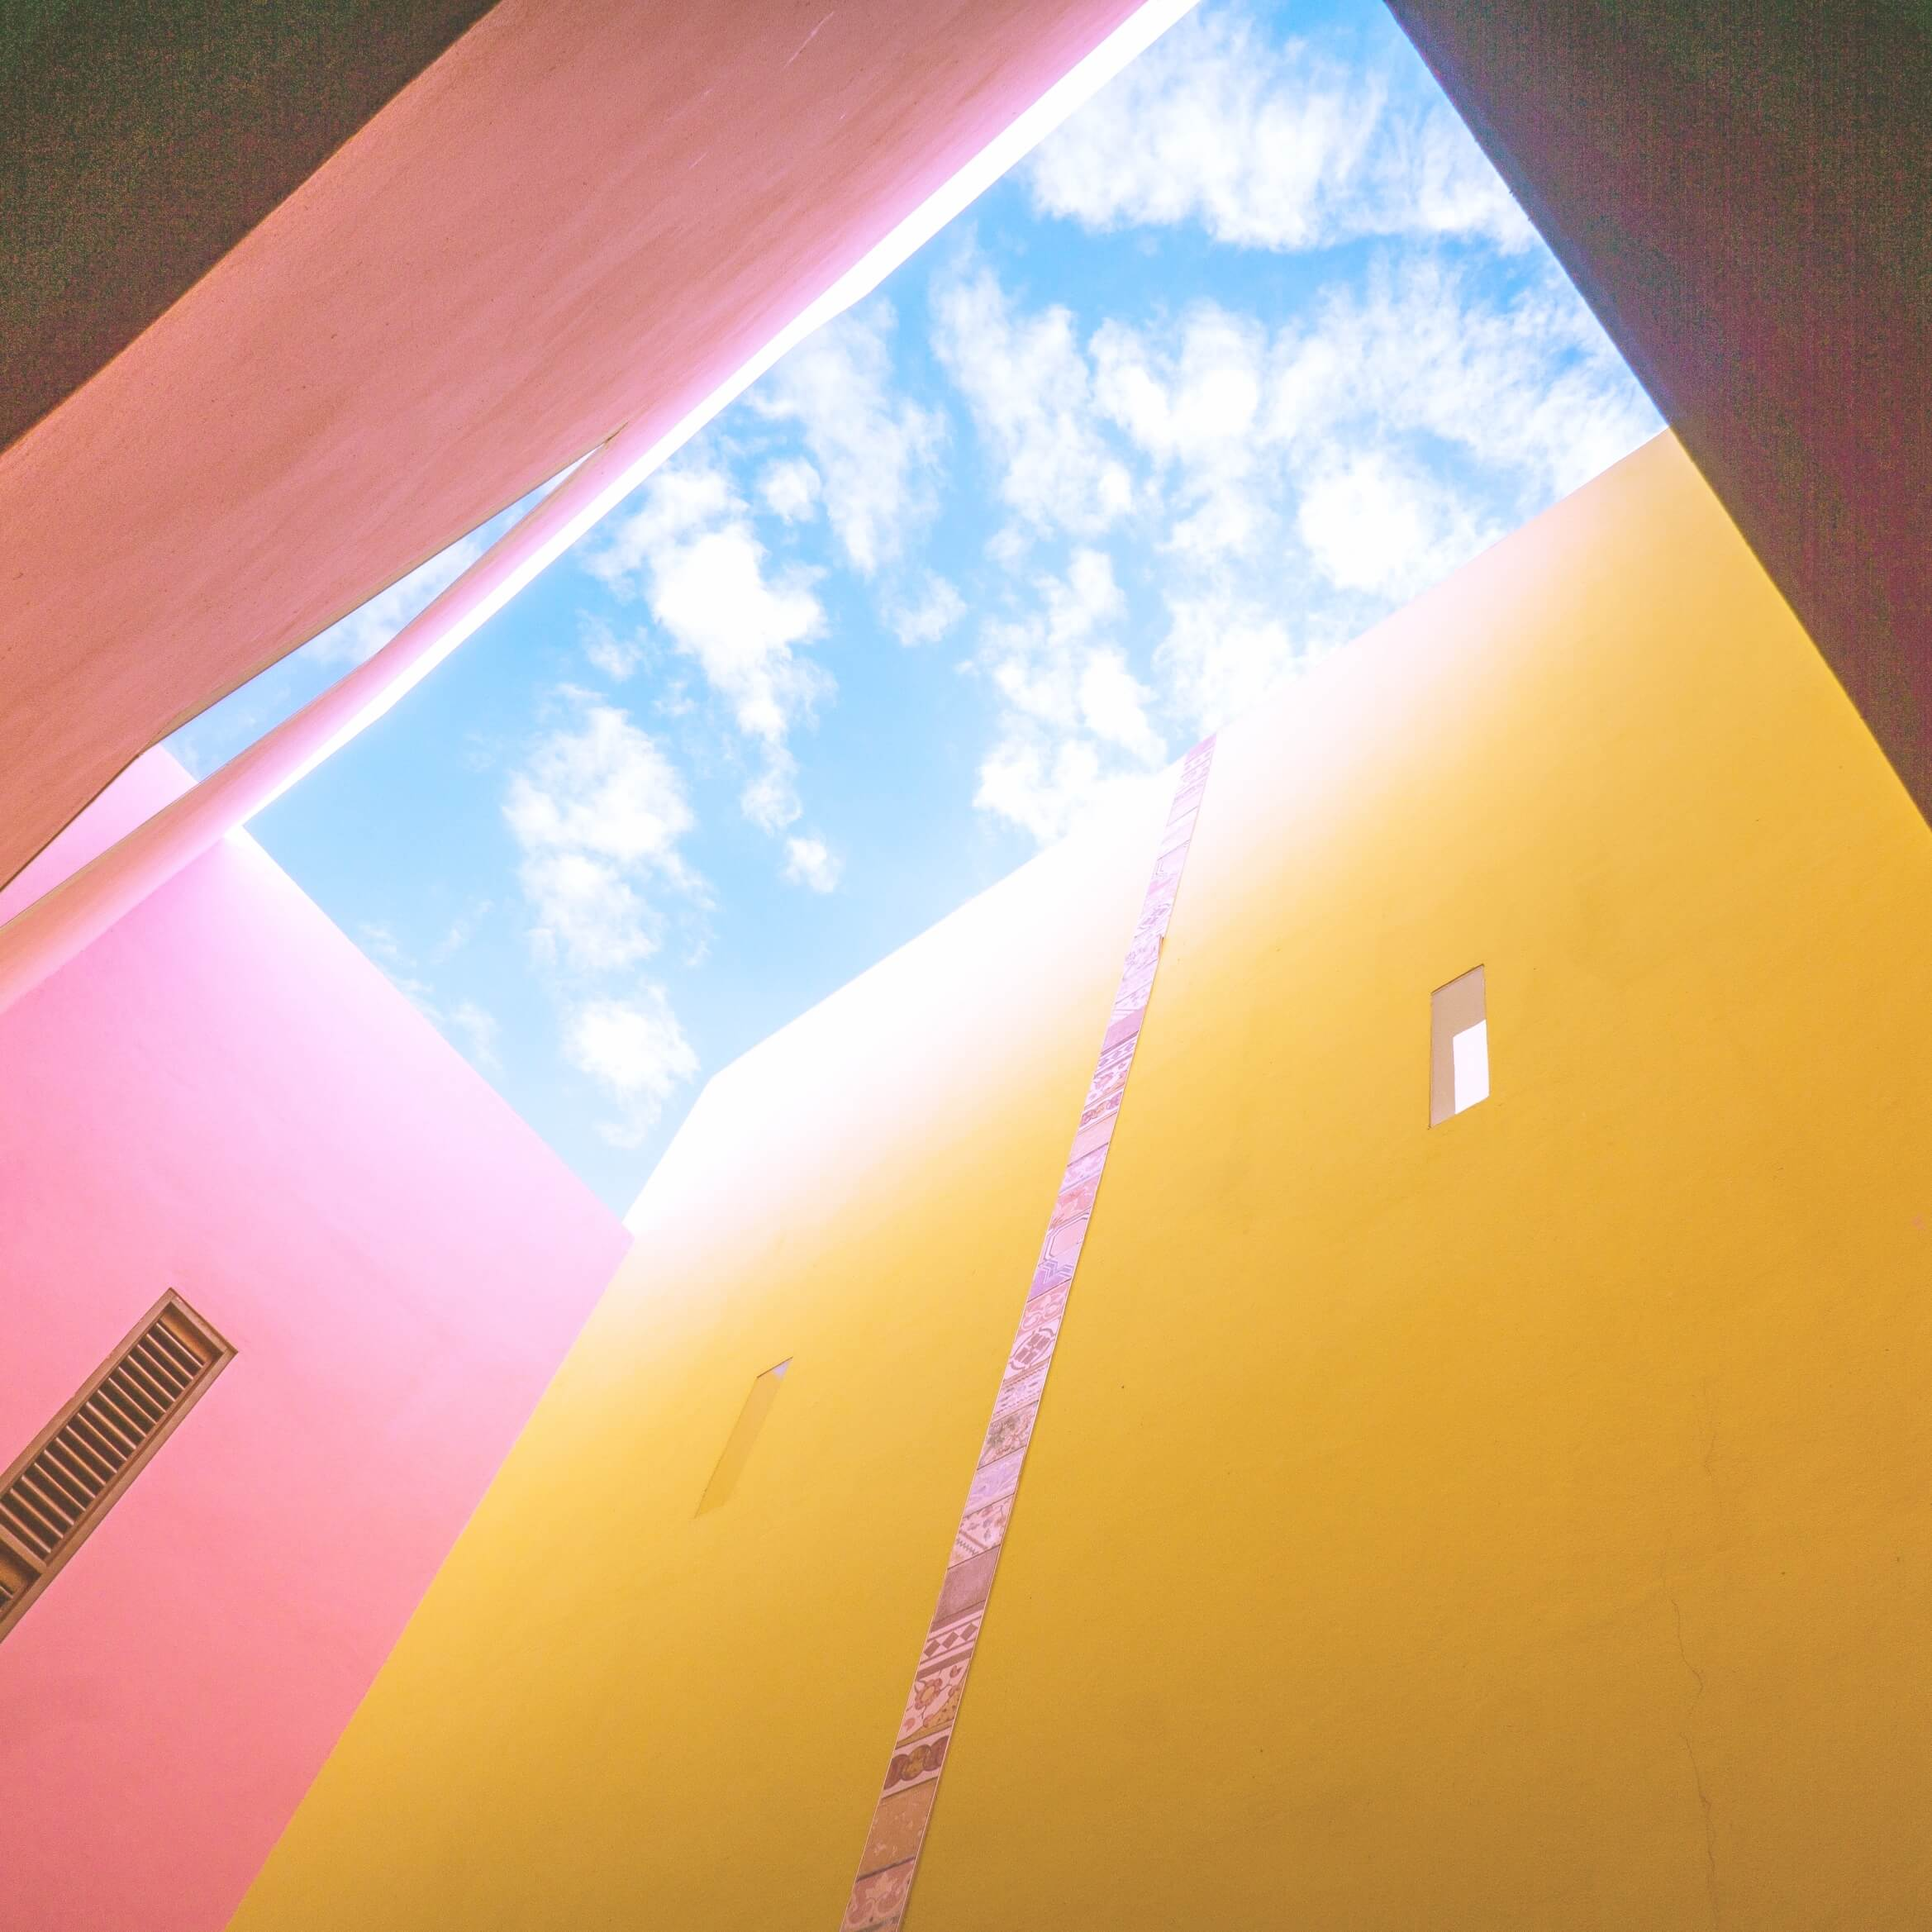 建物の間から見上げる空